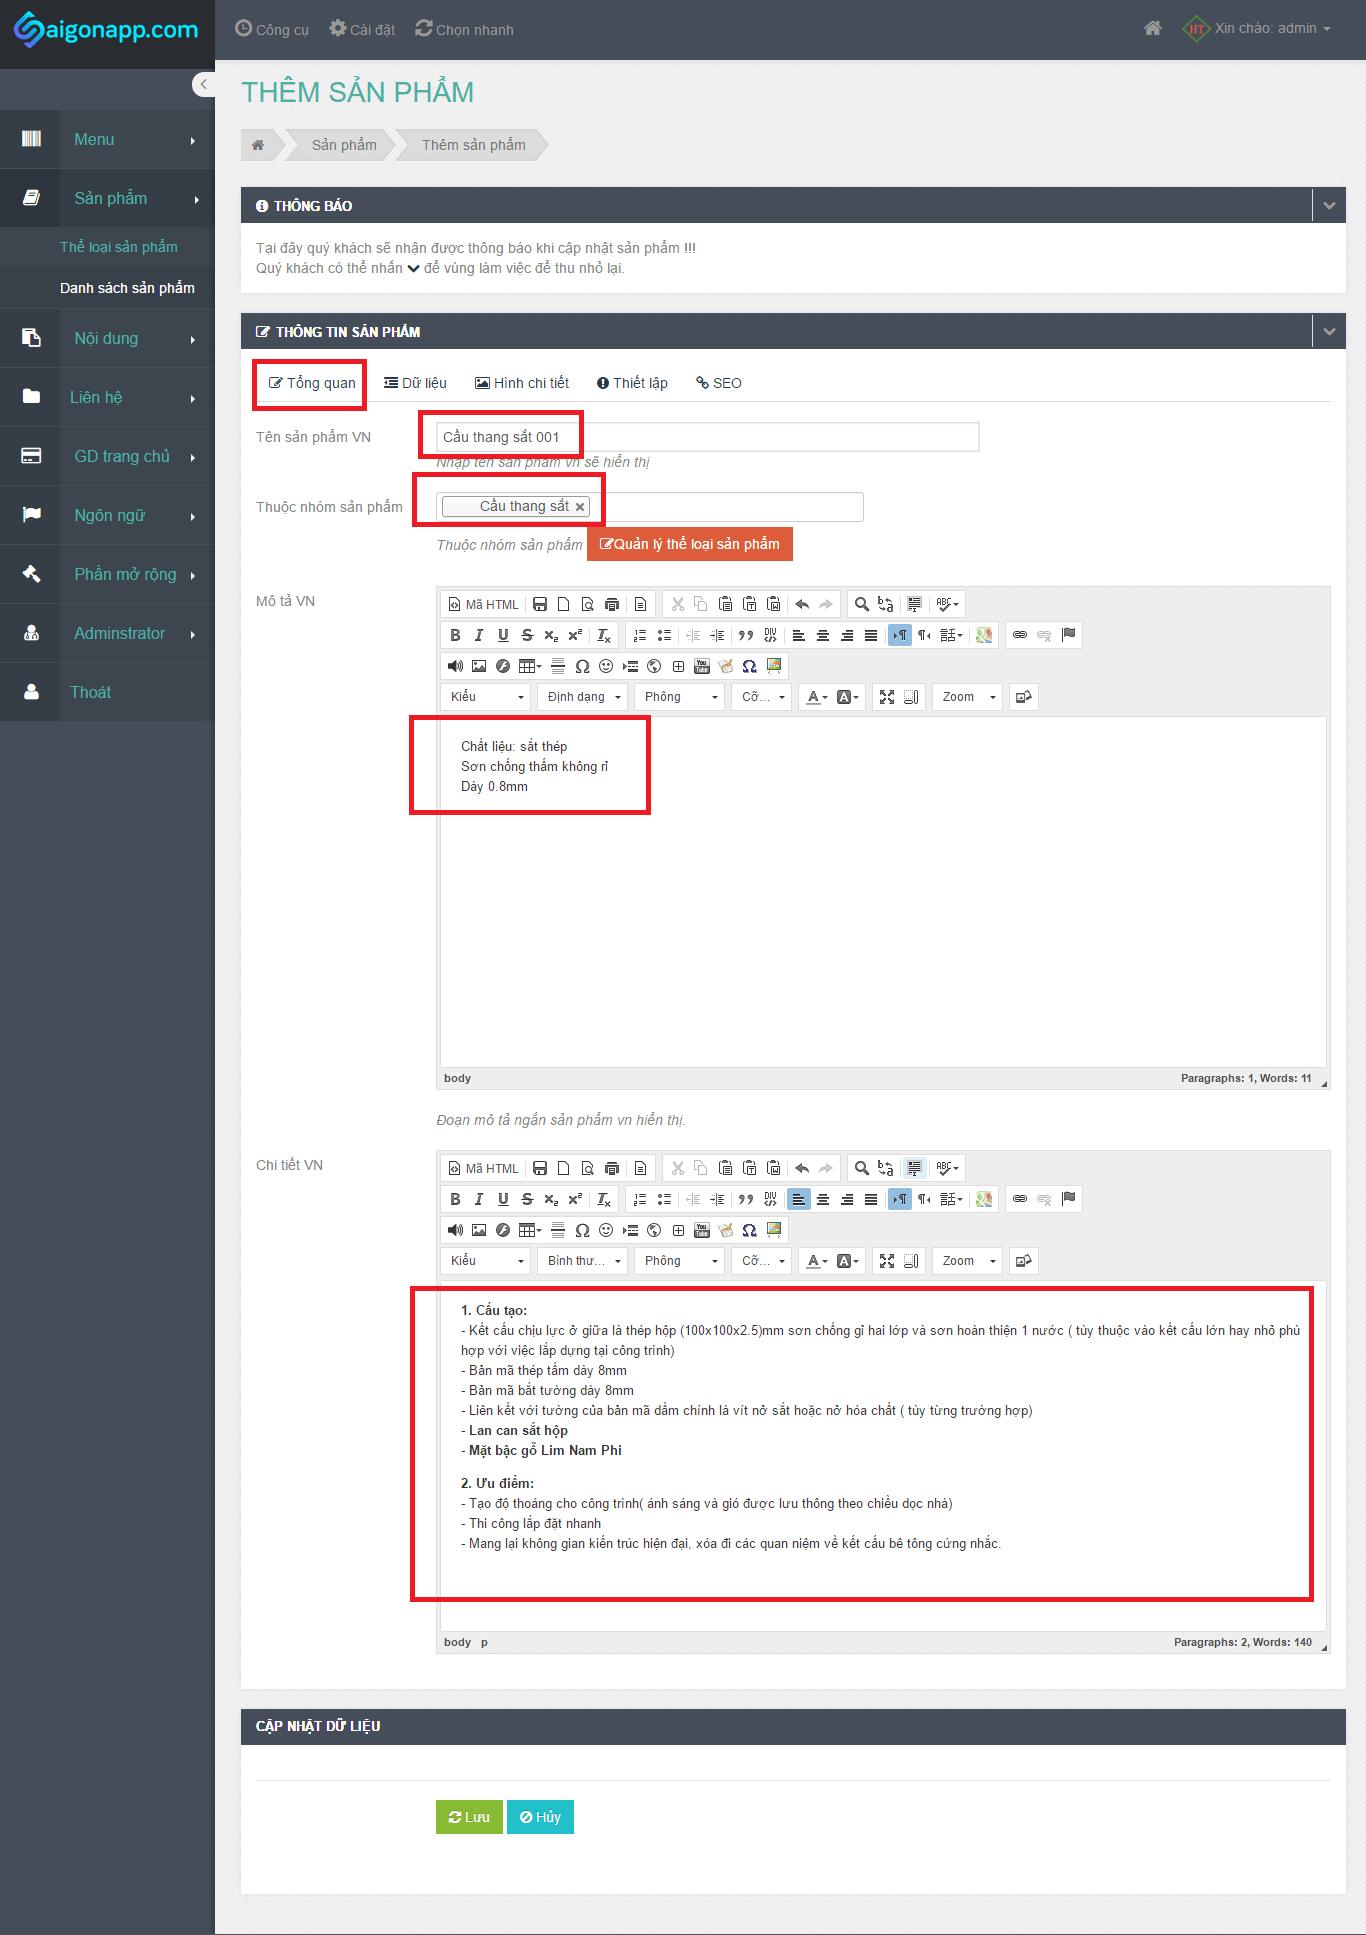 hướng dẫn thêm sản phẩm vào web-2